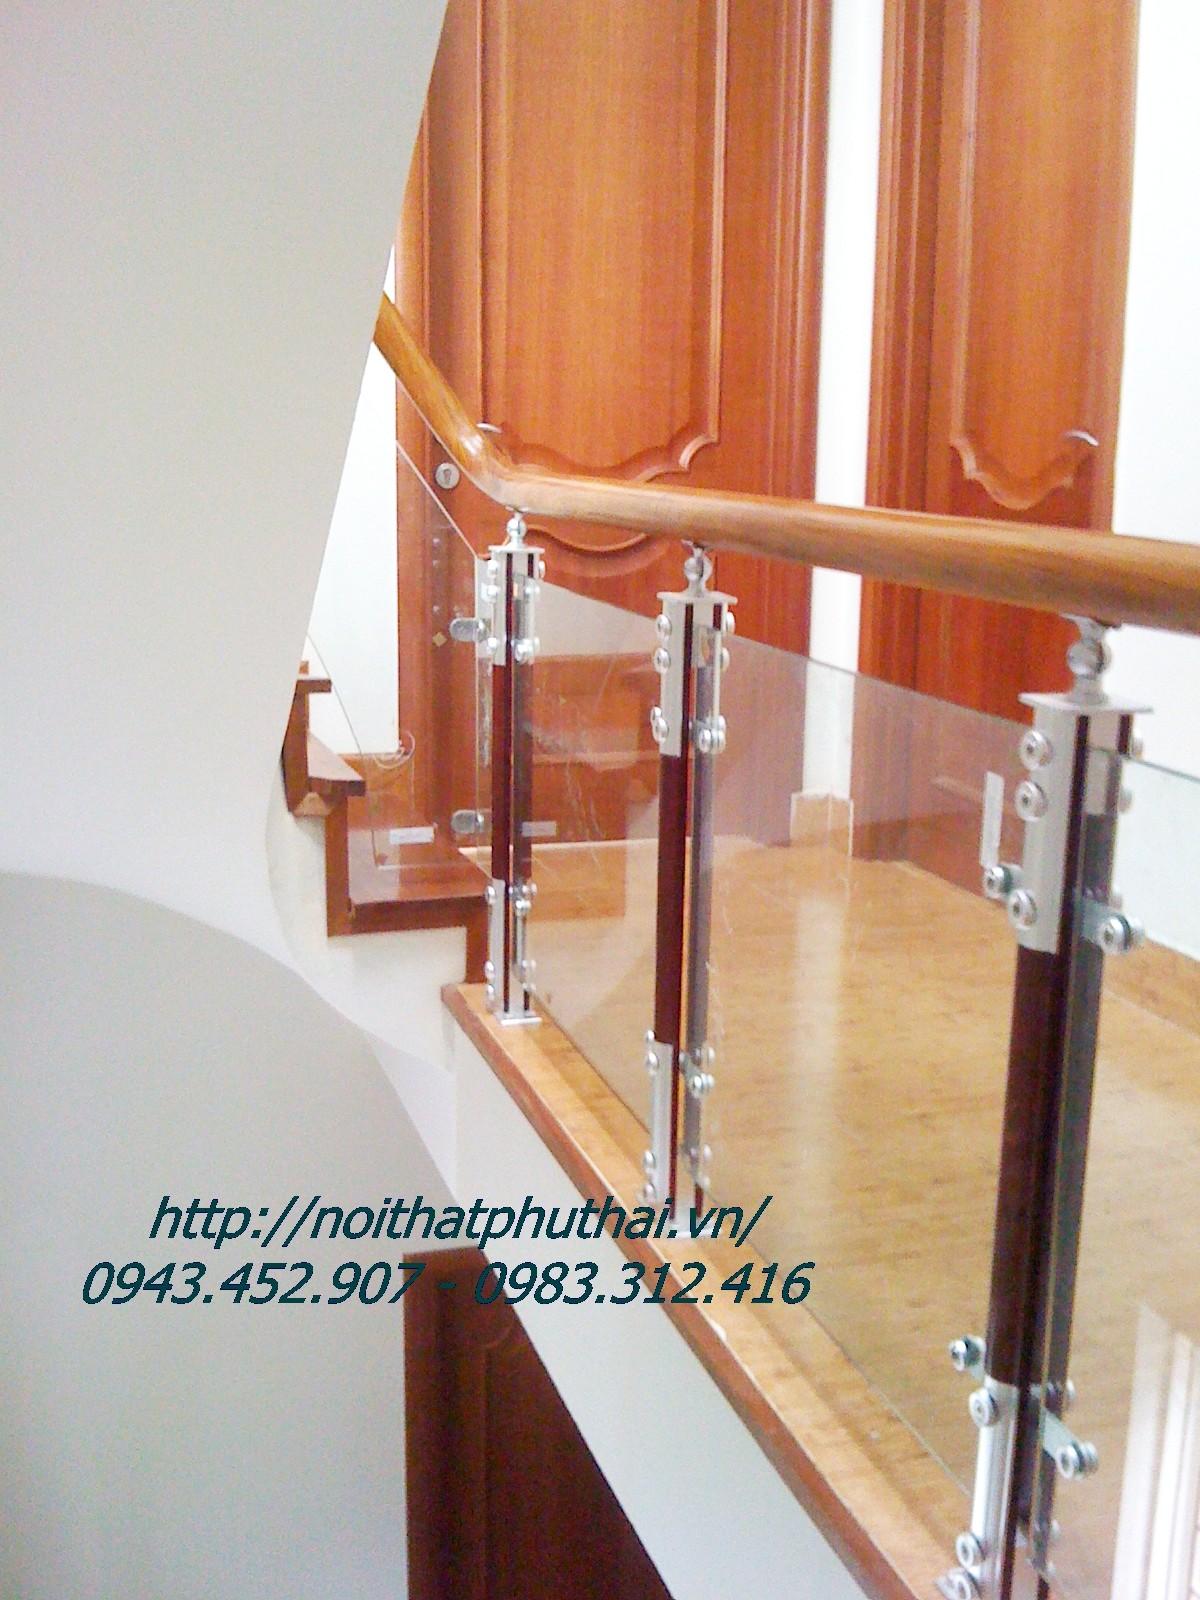 Lựa chọn cầu thang kính hợp phong thủy ngôi nhà